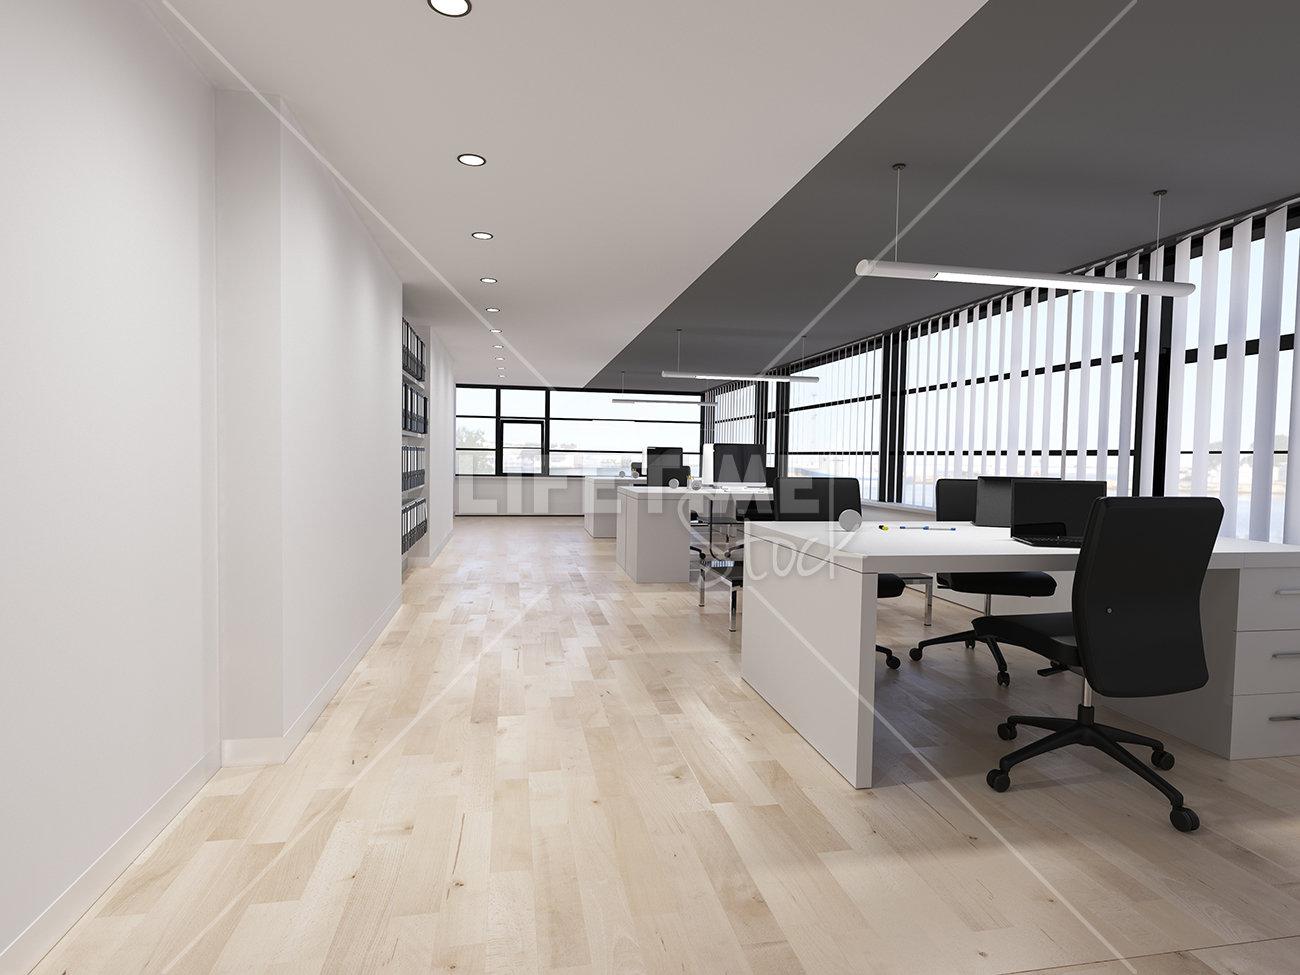 Marco baccioli corridor office